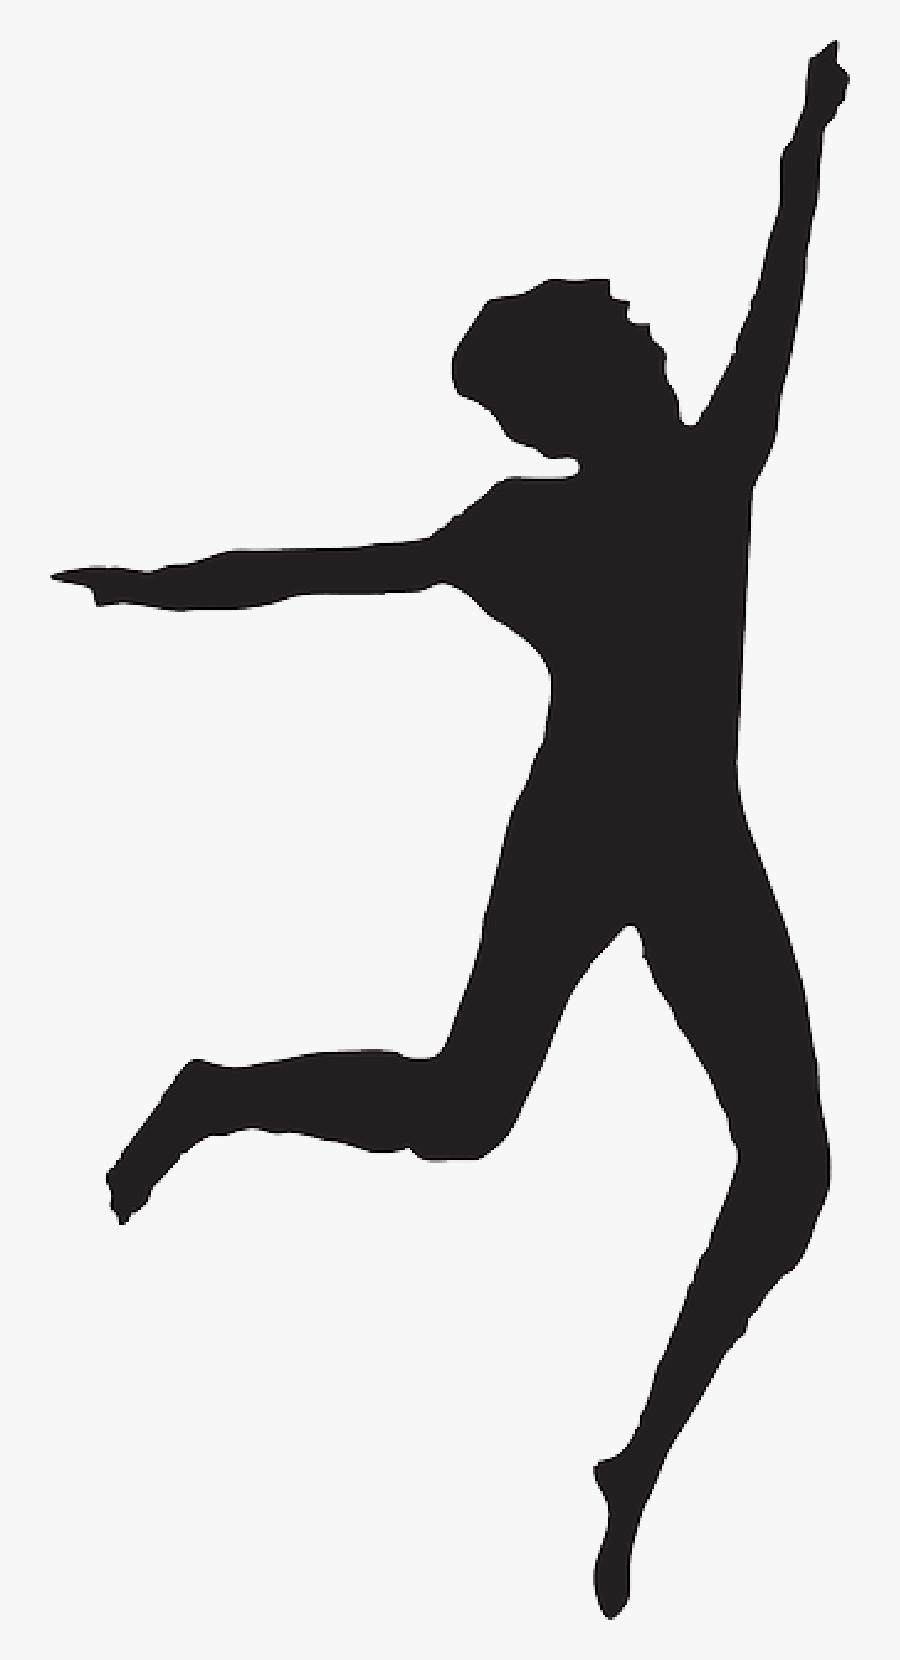 Silueta De Persona Danzando, Transparent Clipart